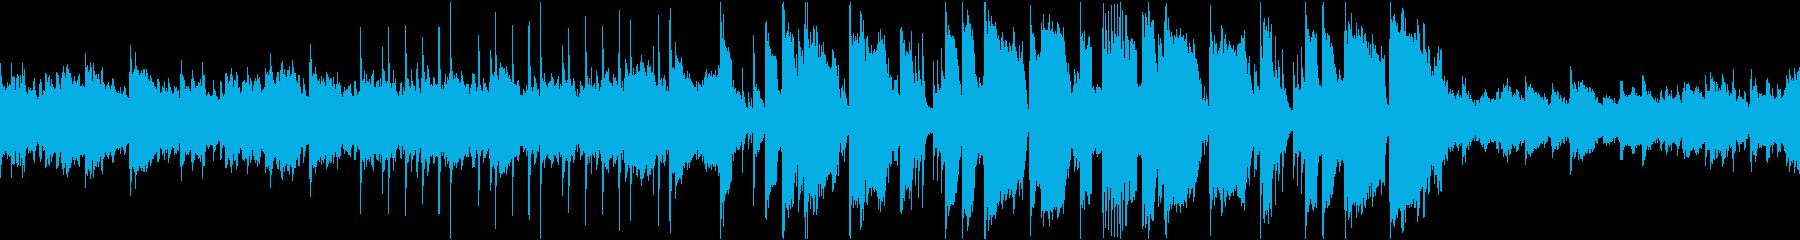 【ループ仕様】ピアノメロディが印象的の再生済みの波形